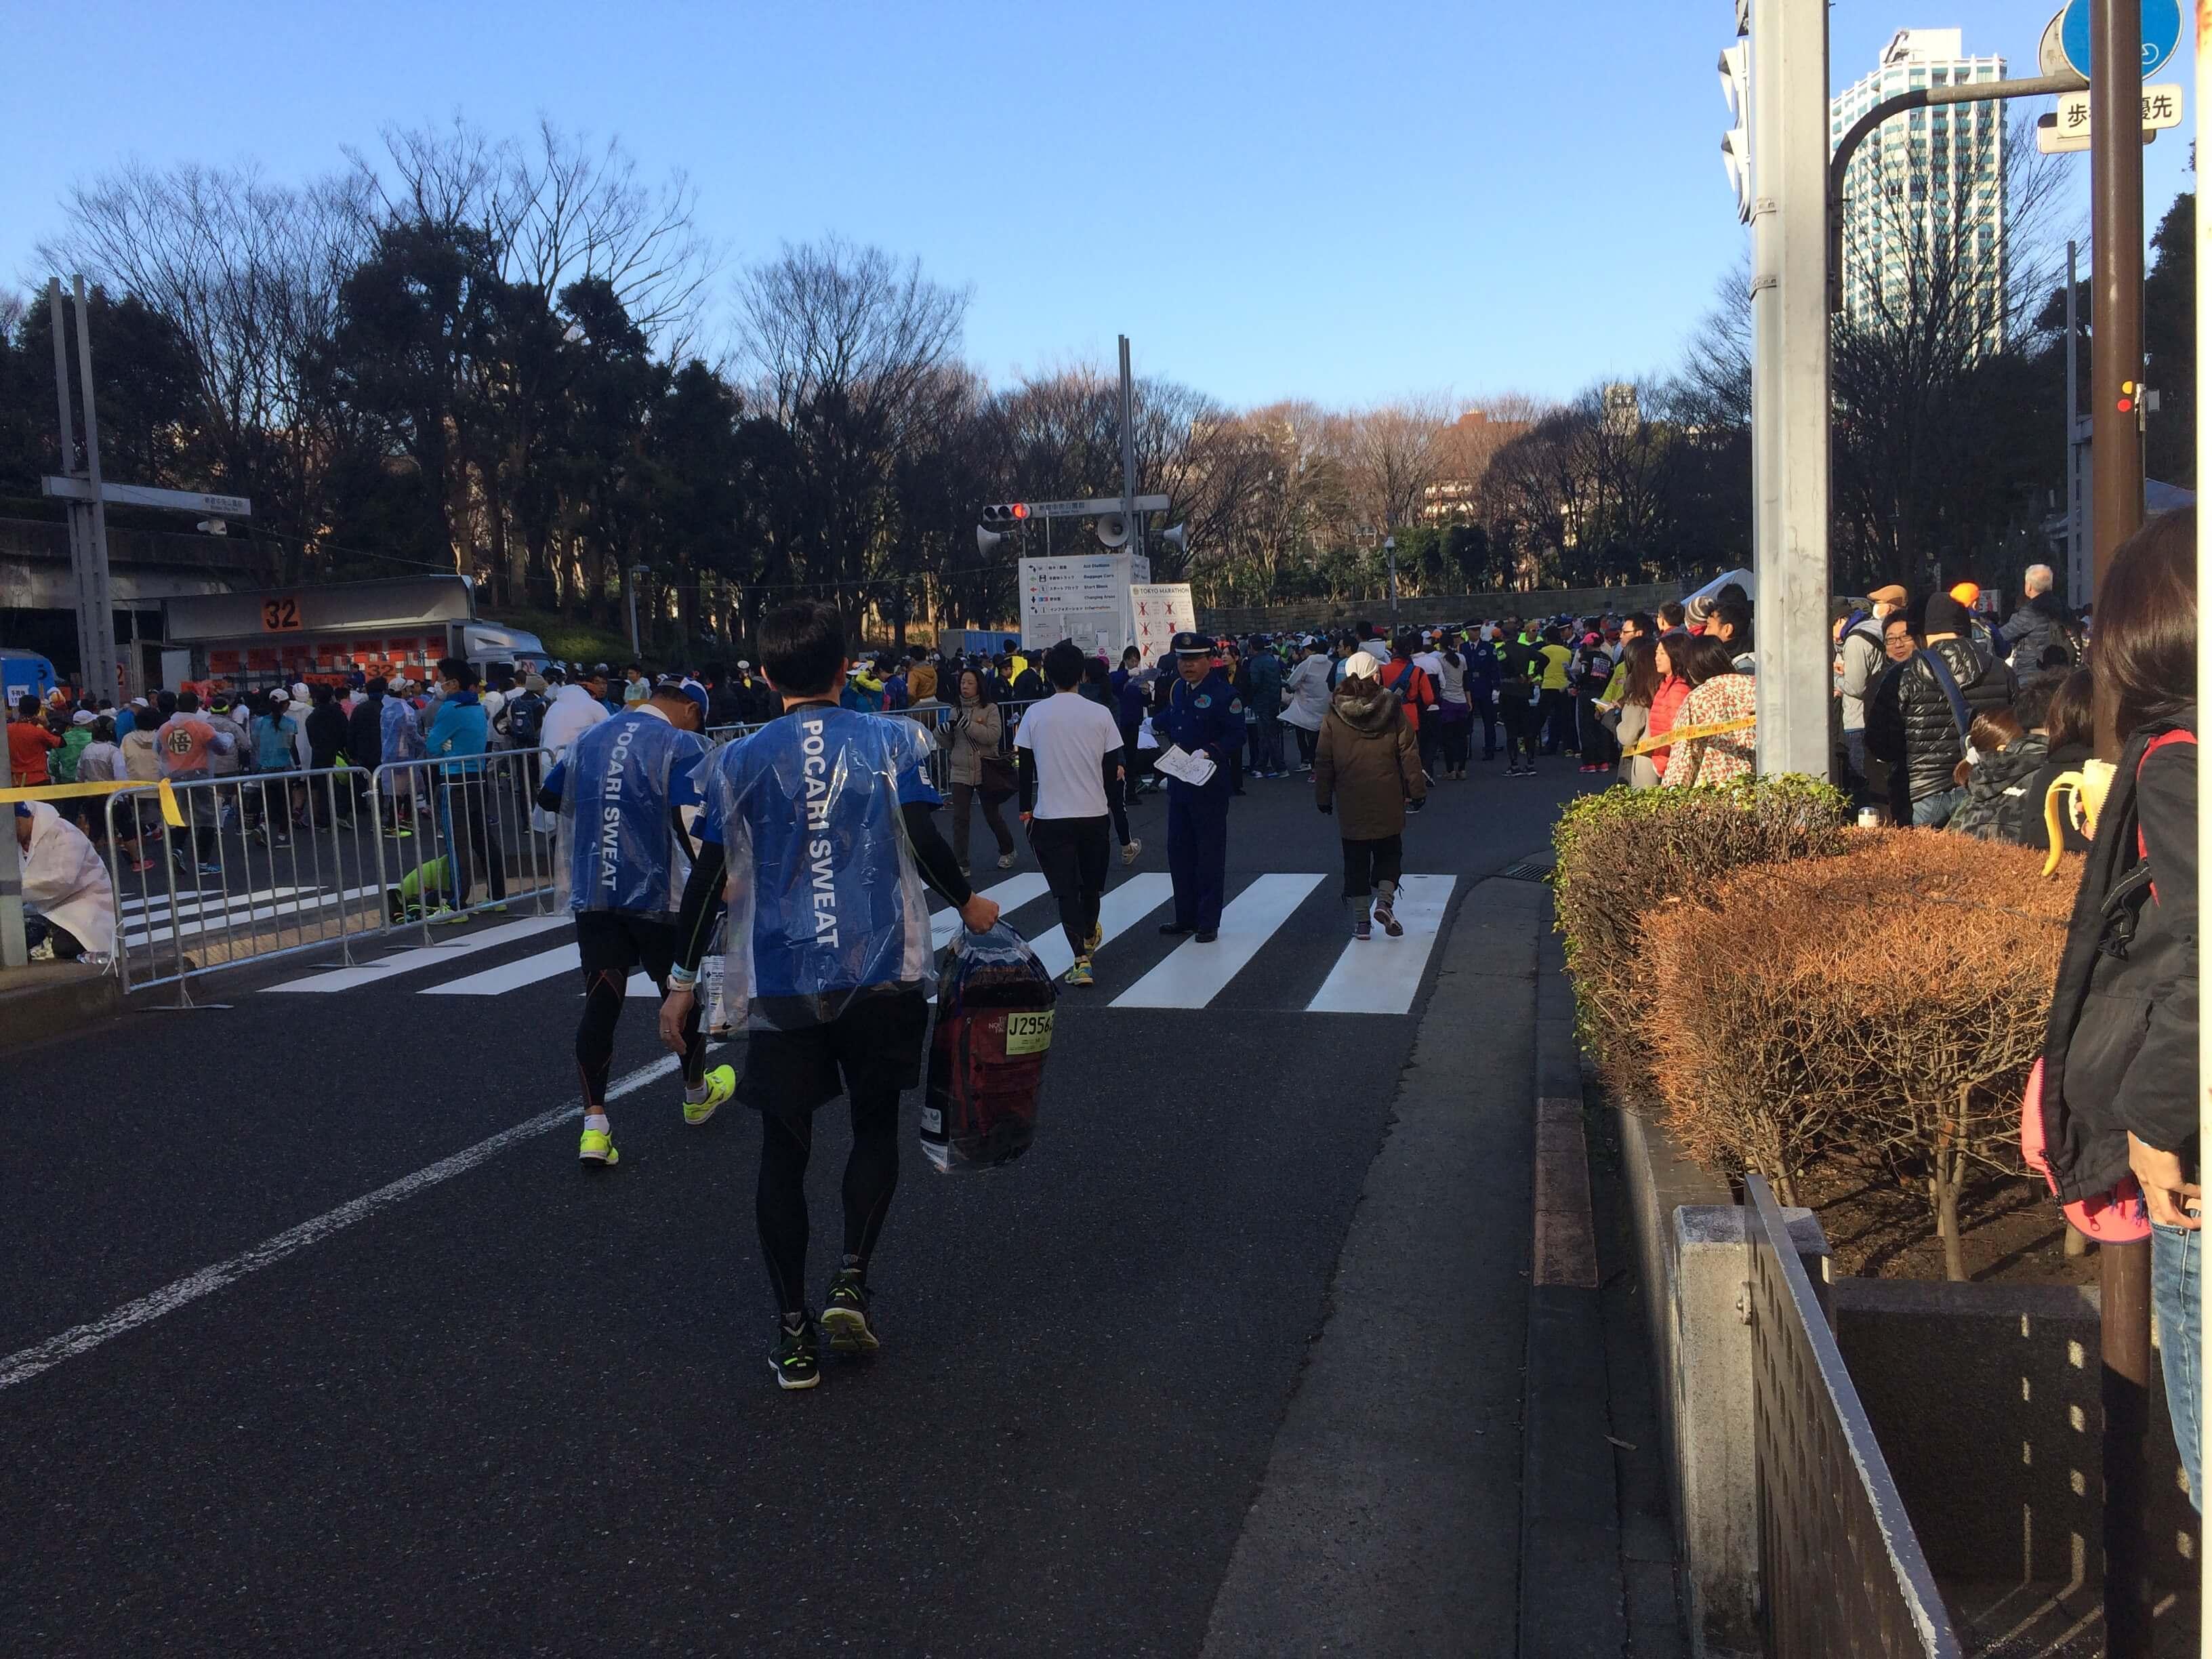 マラソン応援_東京マラソン_東京マラソン2017_新宿